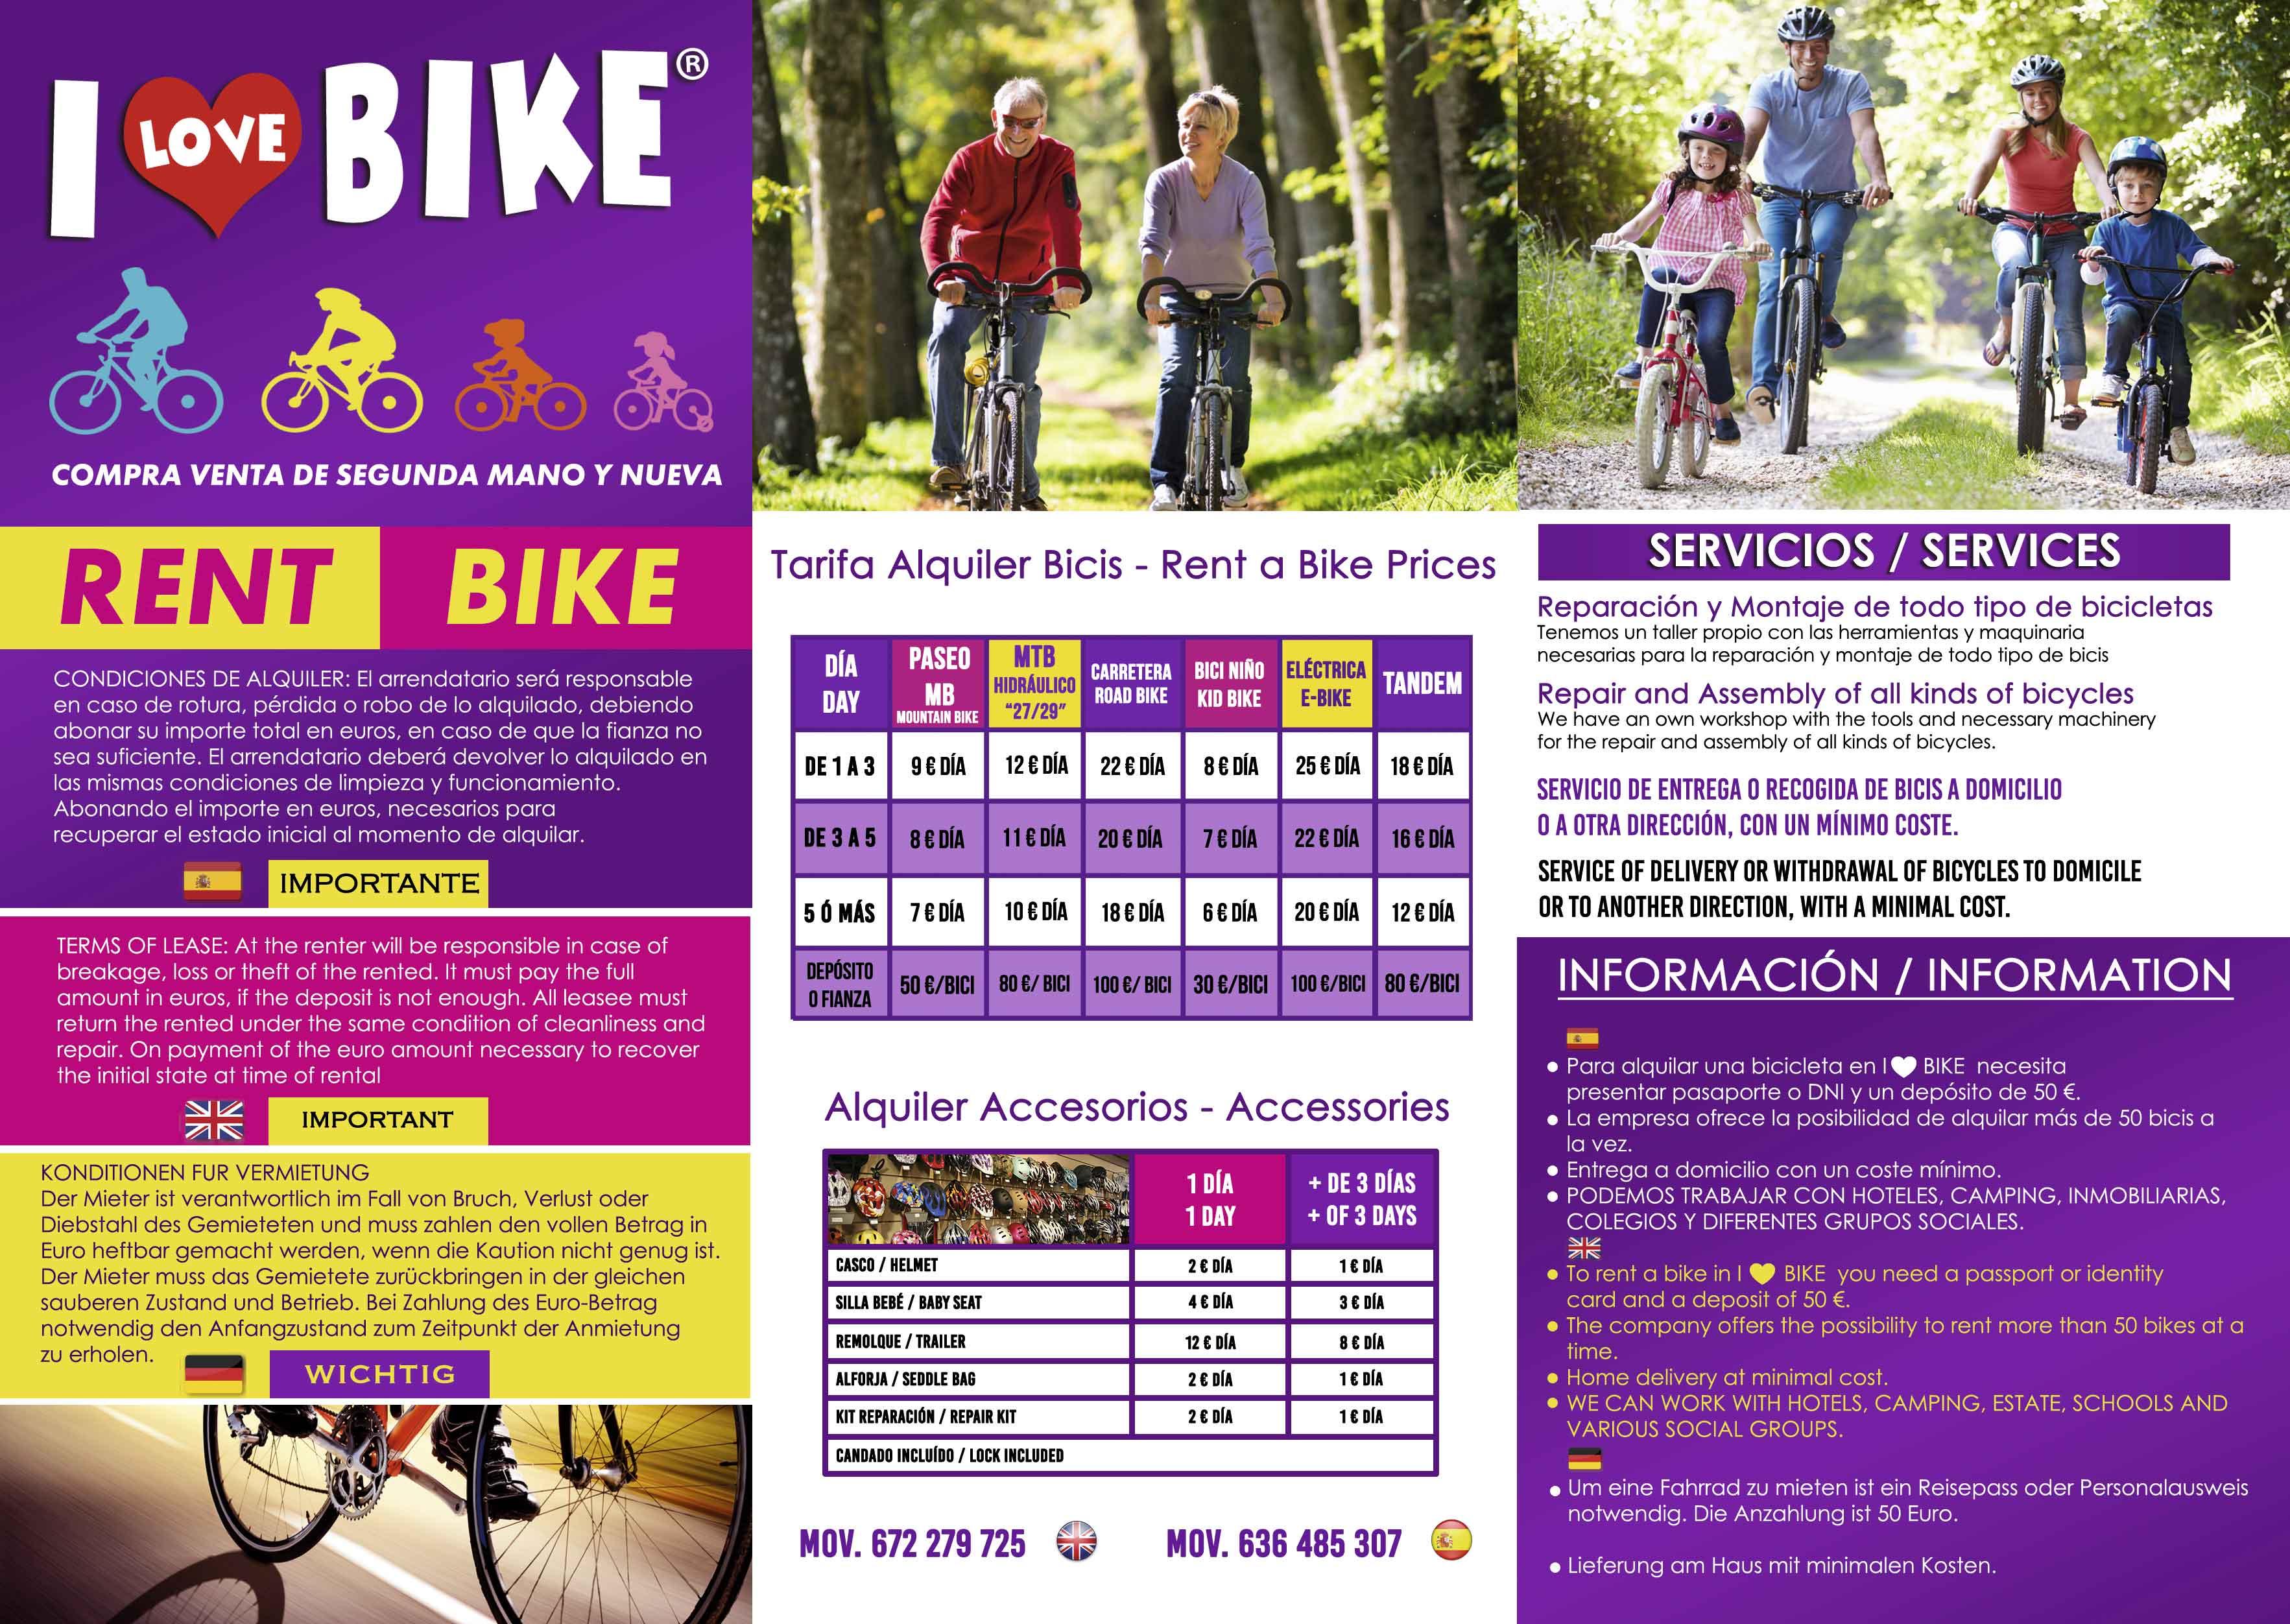 alquiler y venta de bicicletas electricas en Torrevieja y Orihuela Costa